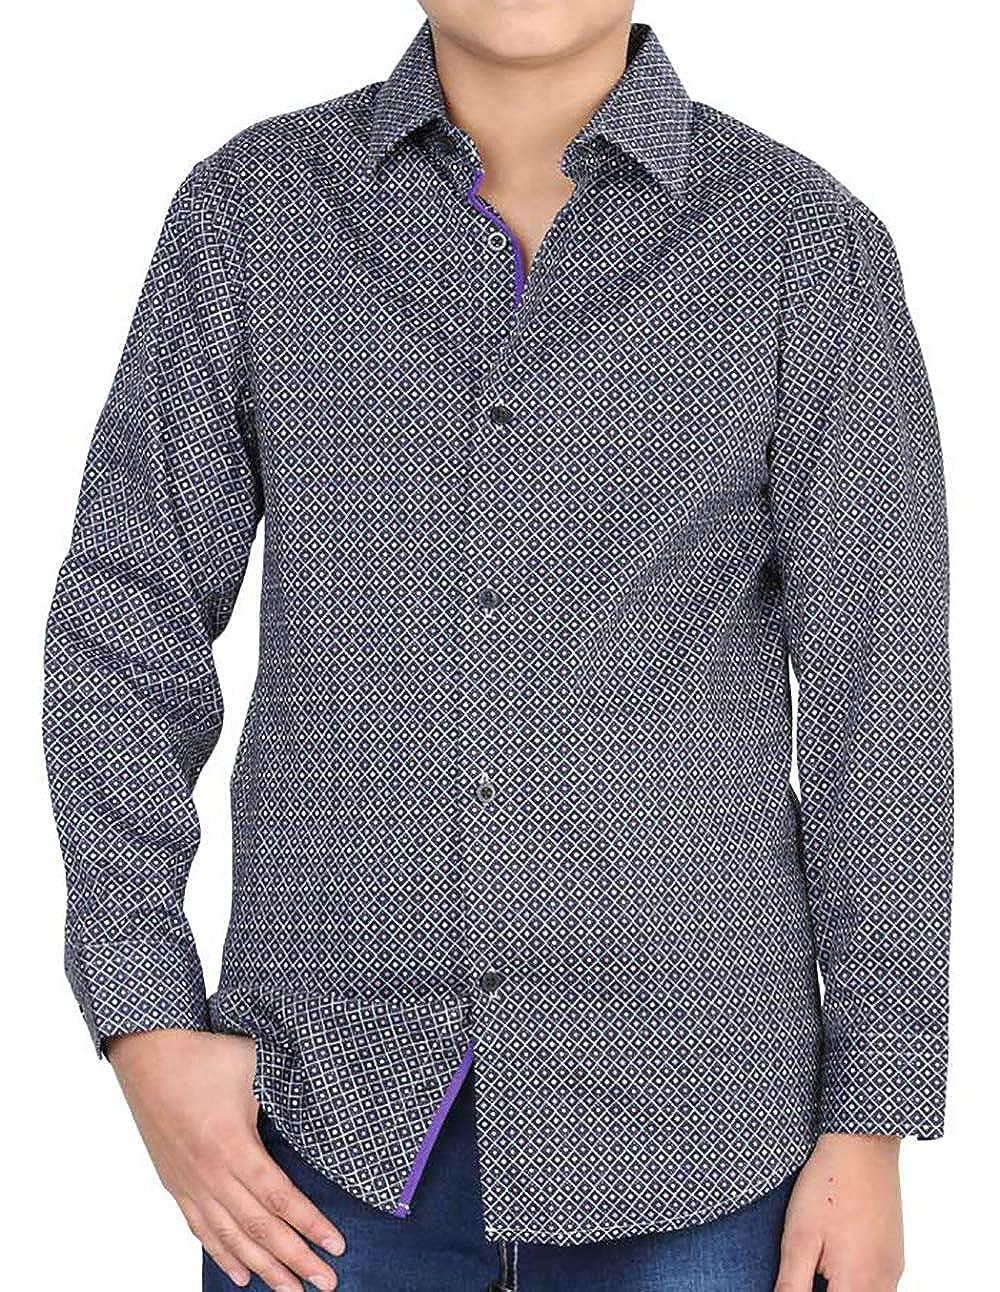 Centenario Boys Casual Shirt Camisa Casual Ni/ño Color Black//Purple